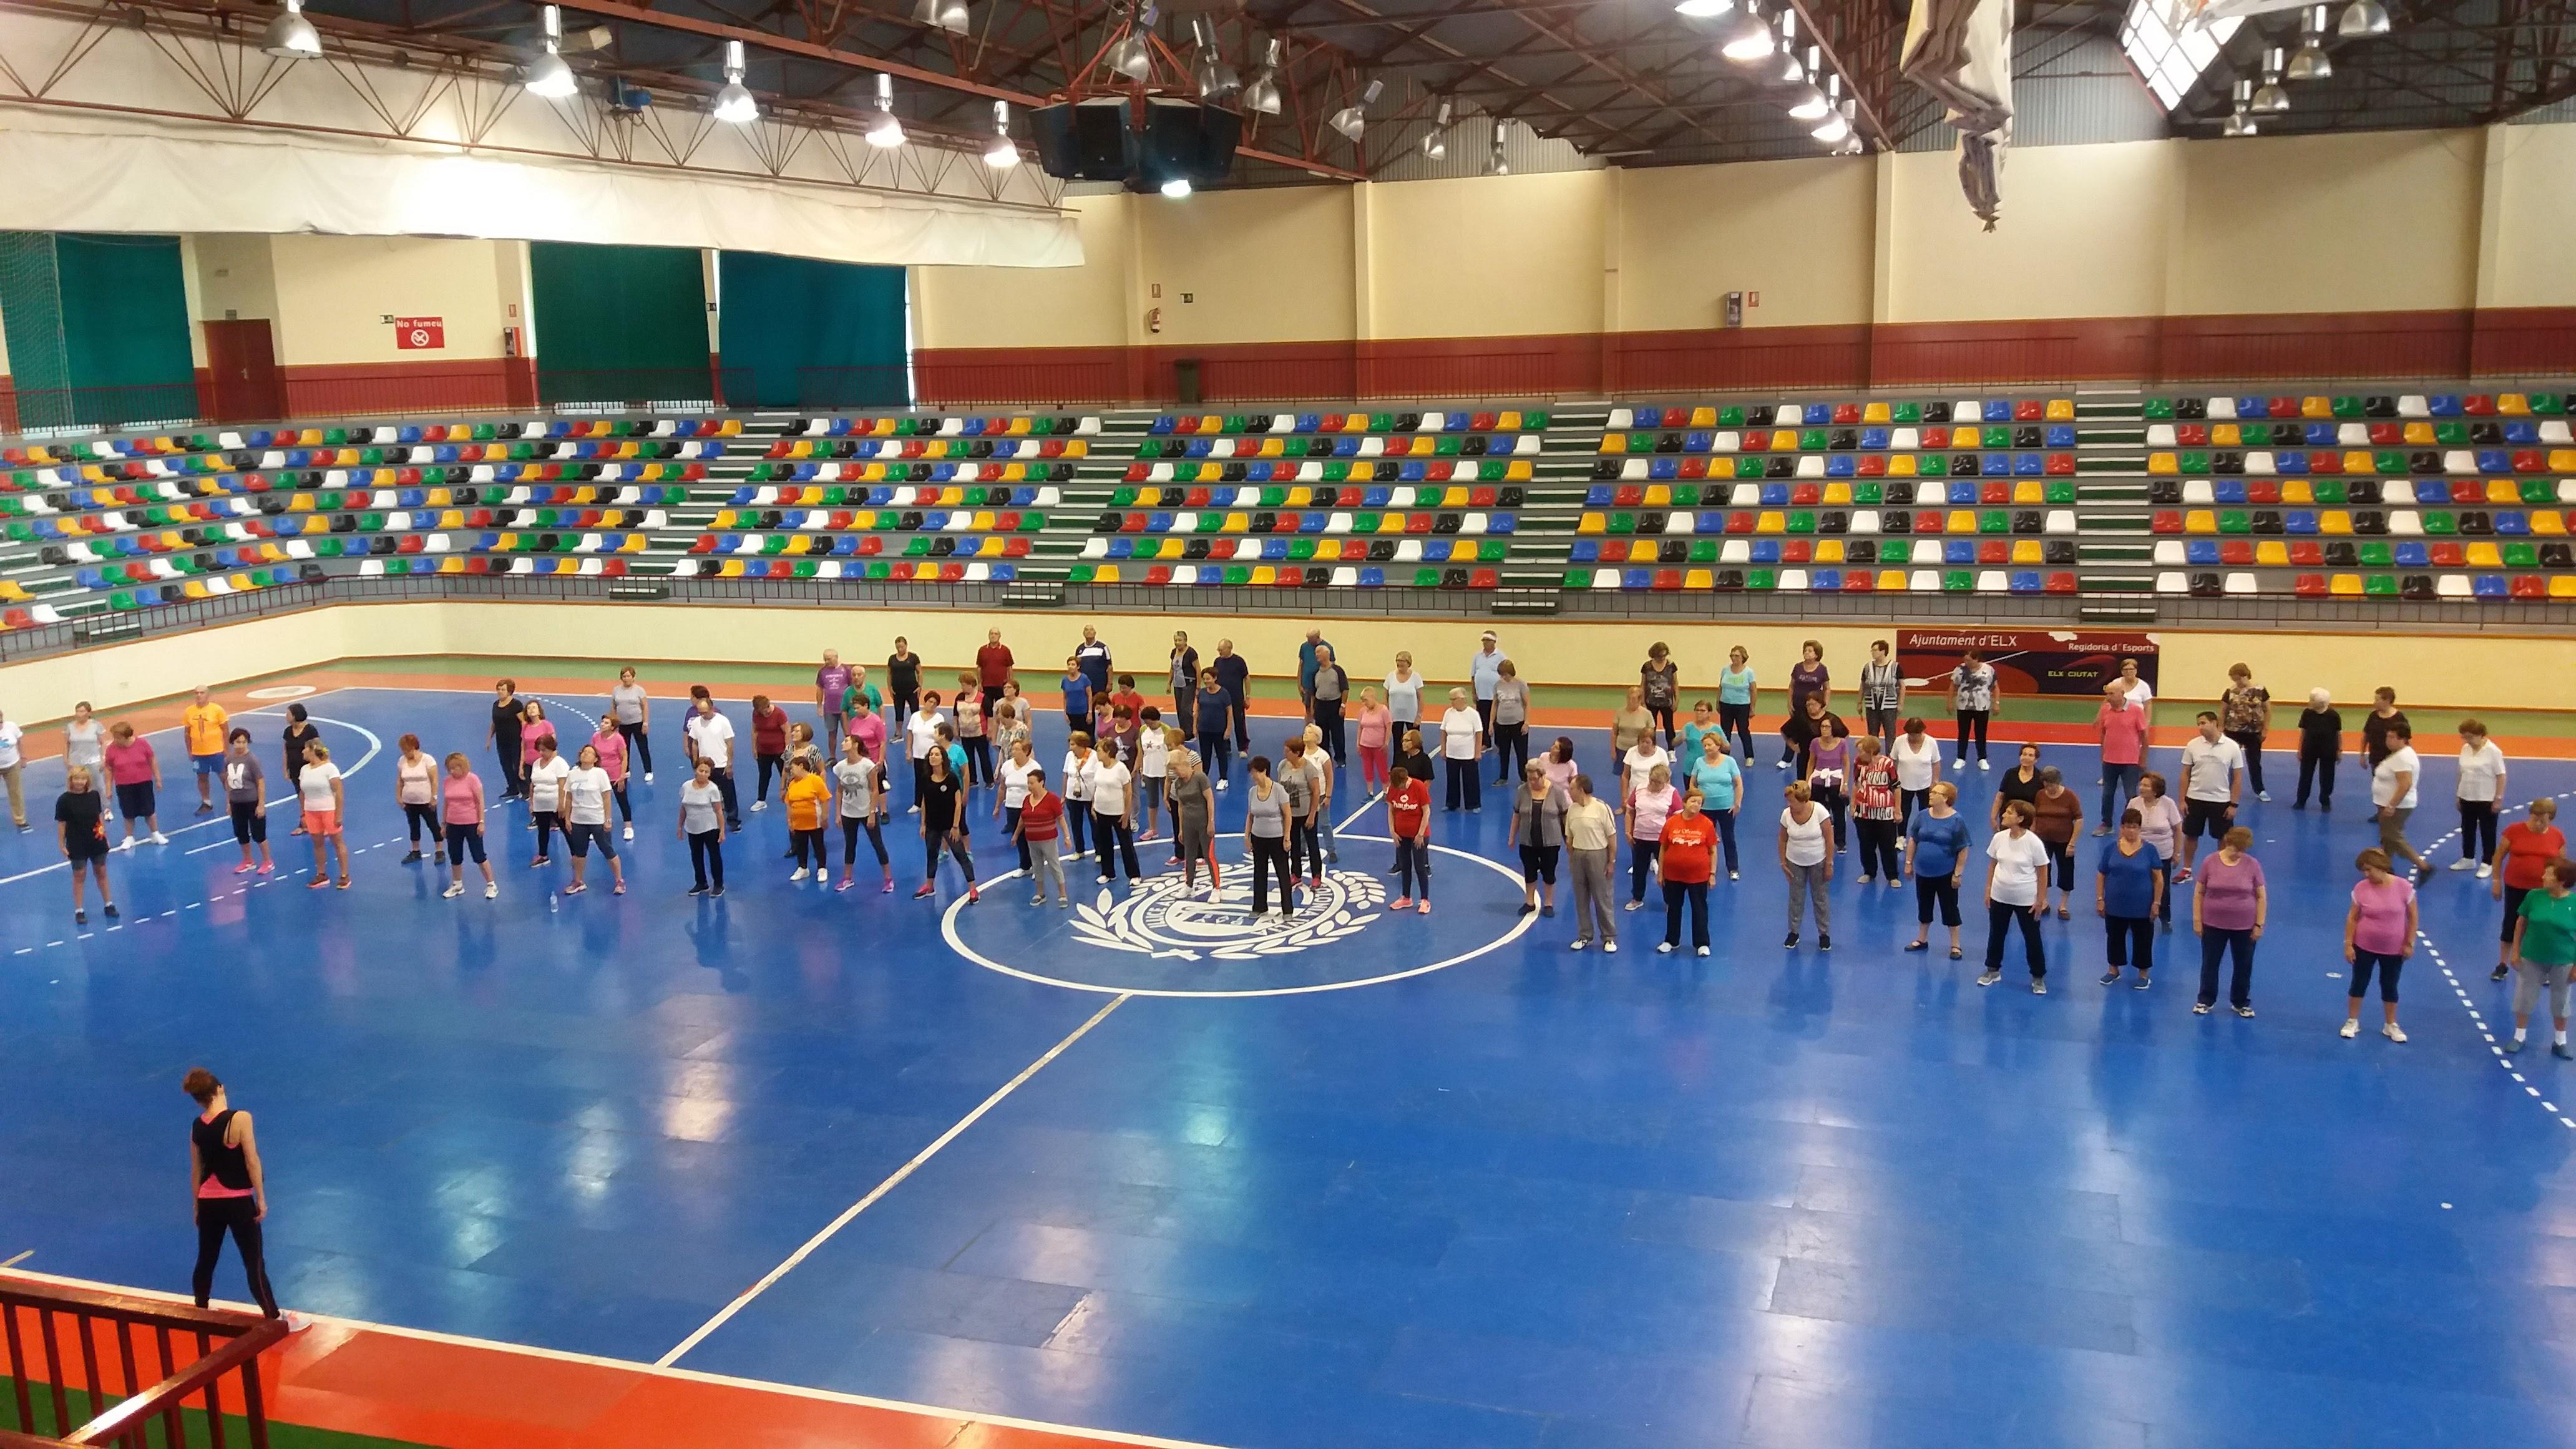 Inscripciones al programa de gimnasia de mantenimiento for Piscinas municipales elche